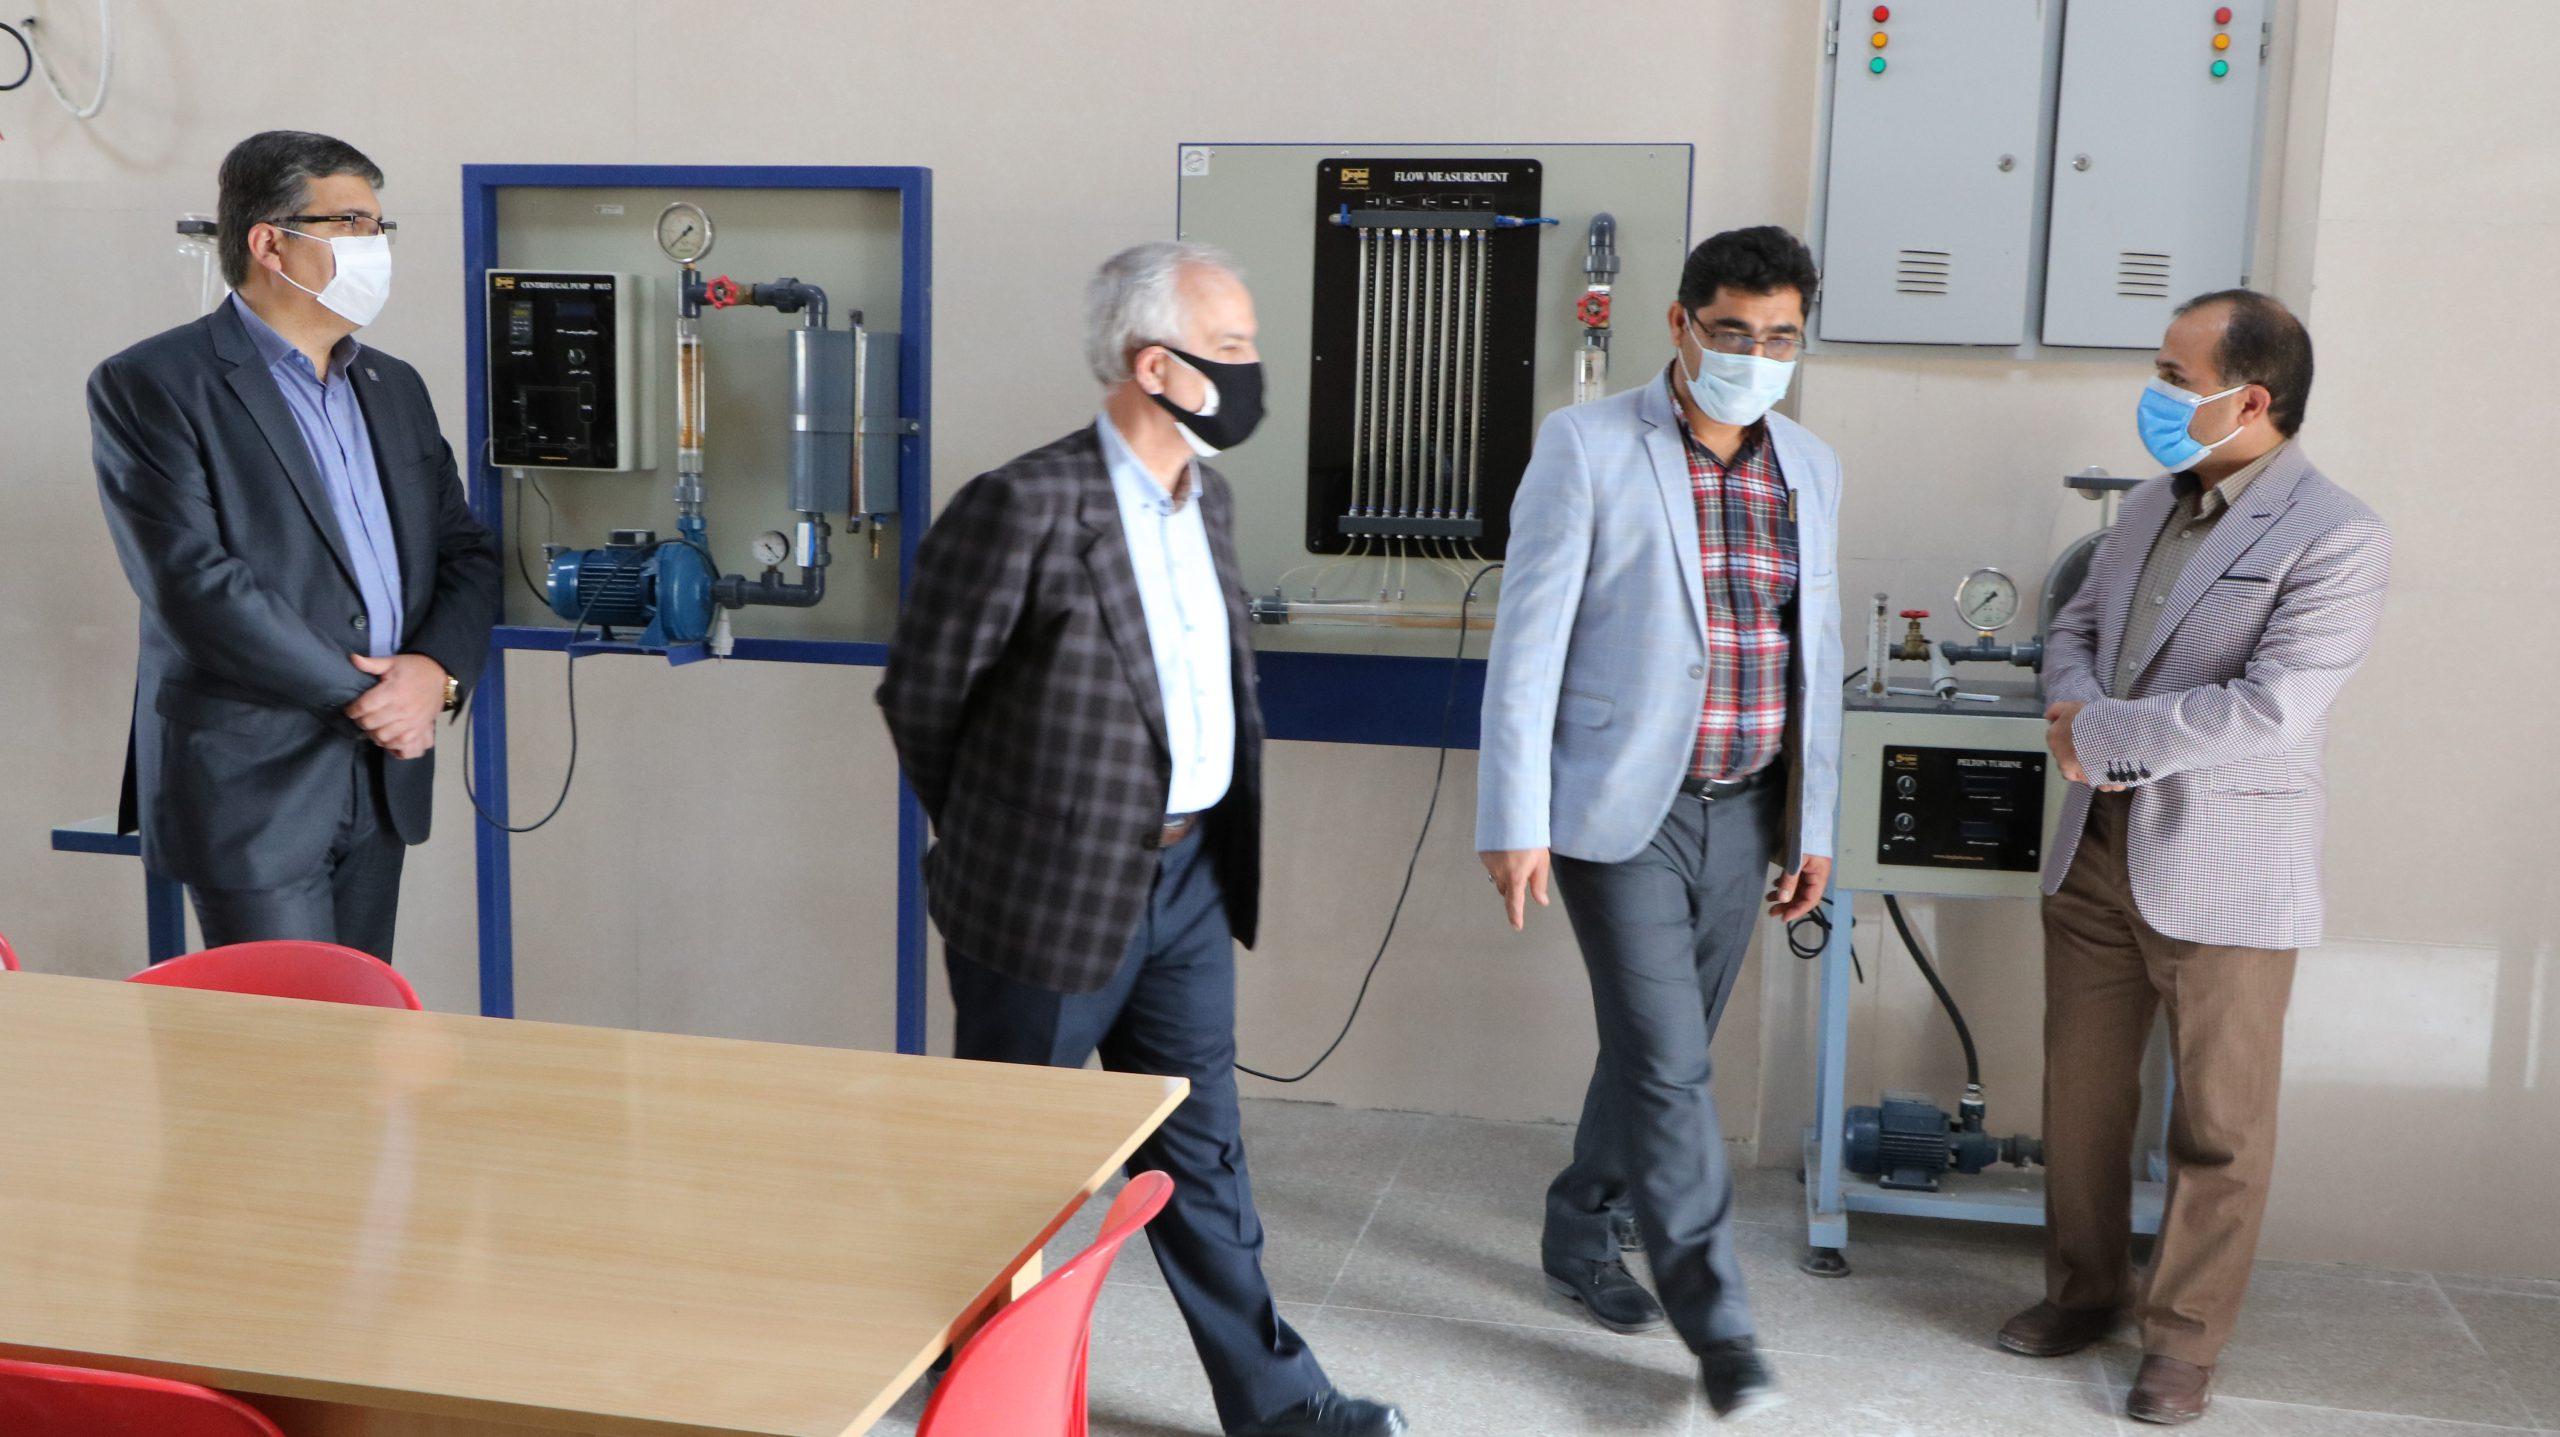 بازدید ریاست دانشگاه شیراز از مرکزآموزش عالی لامرد